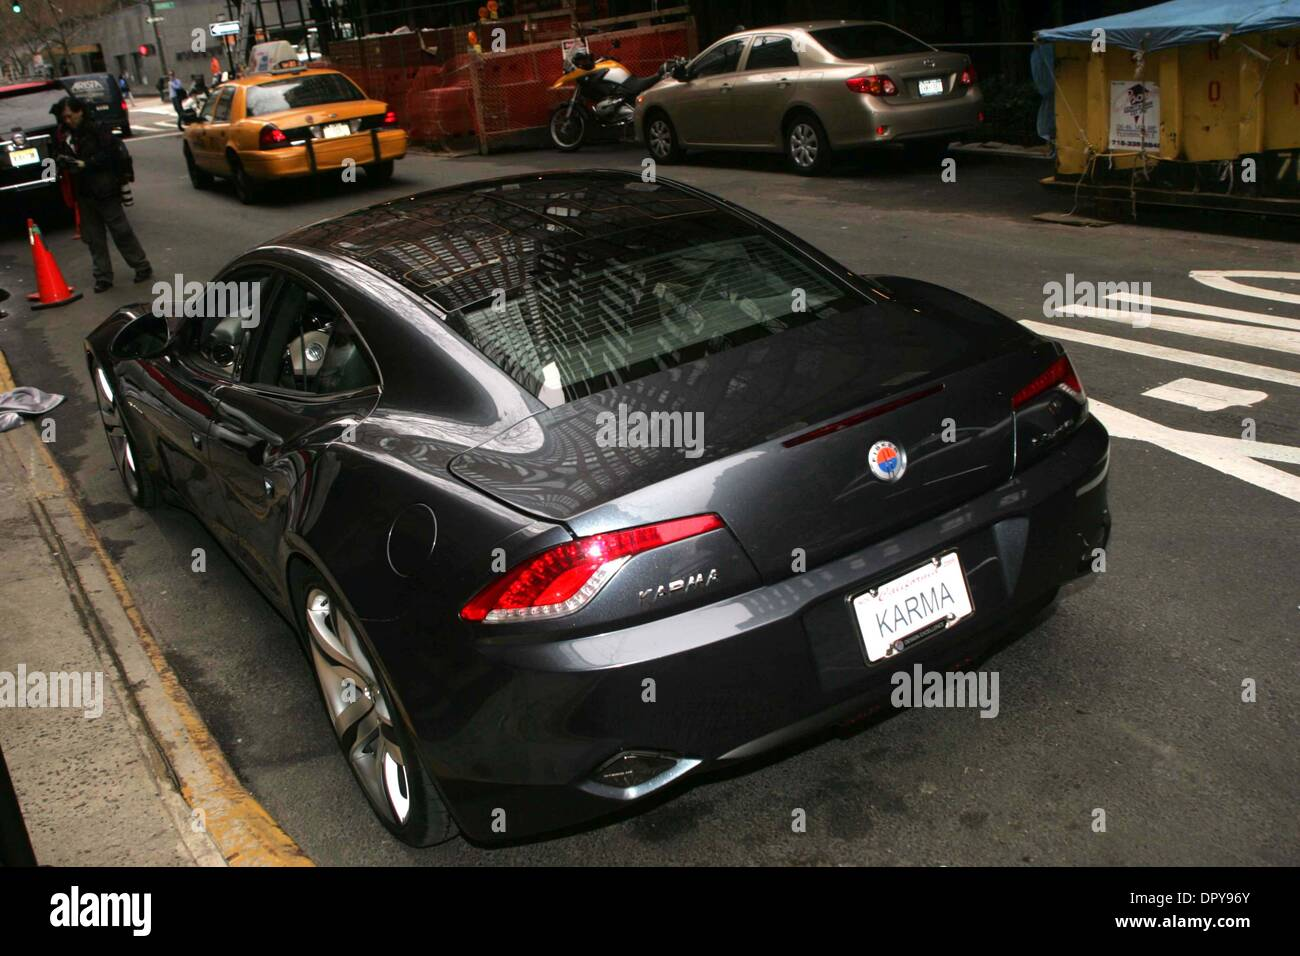 car+accident+cash+advance